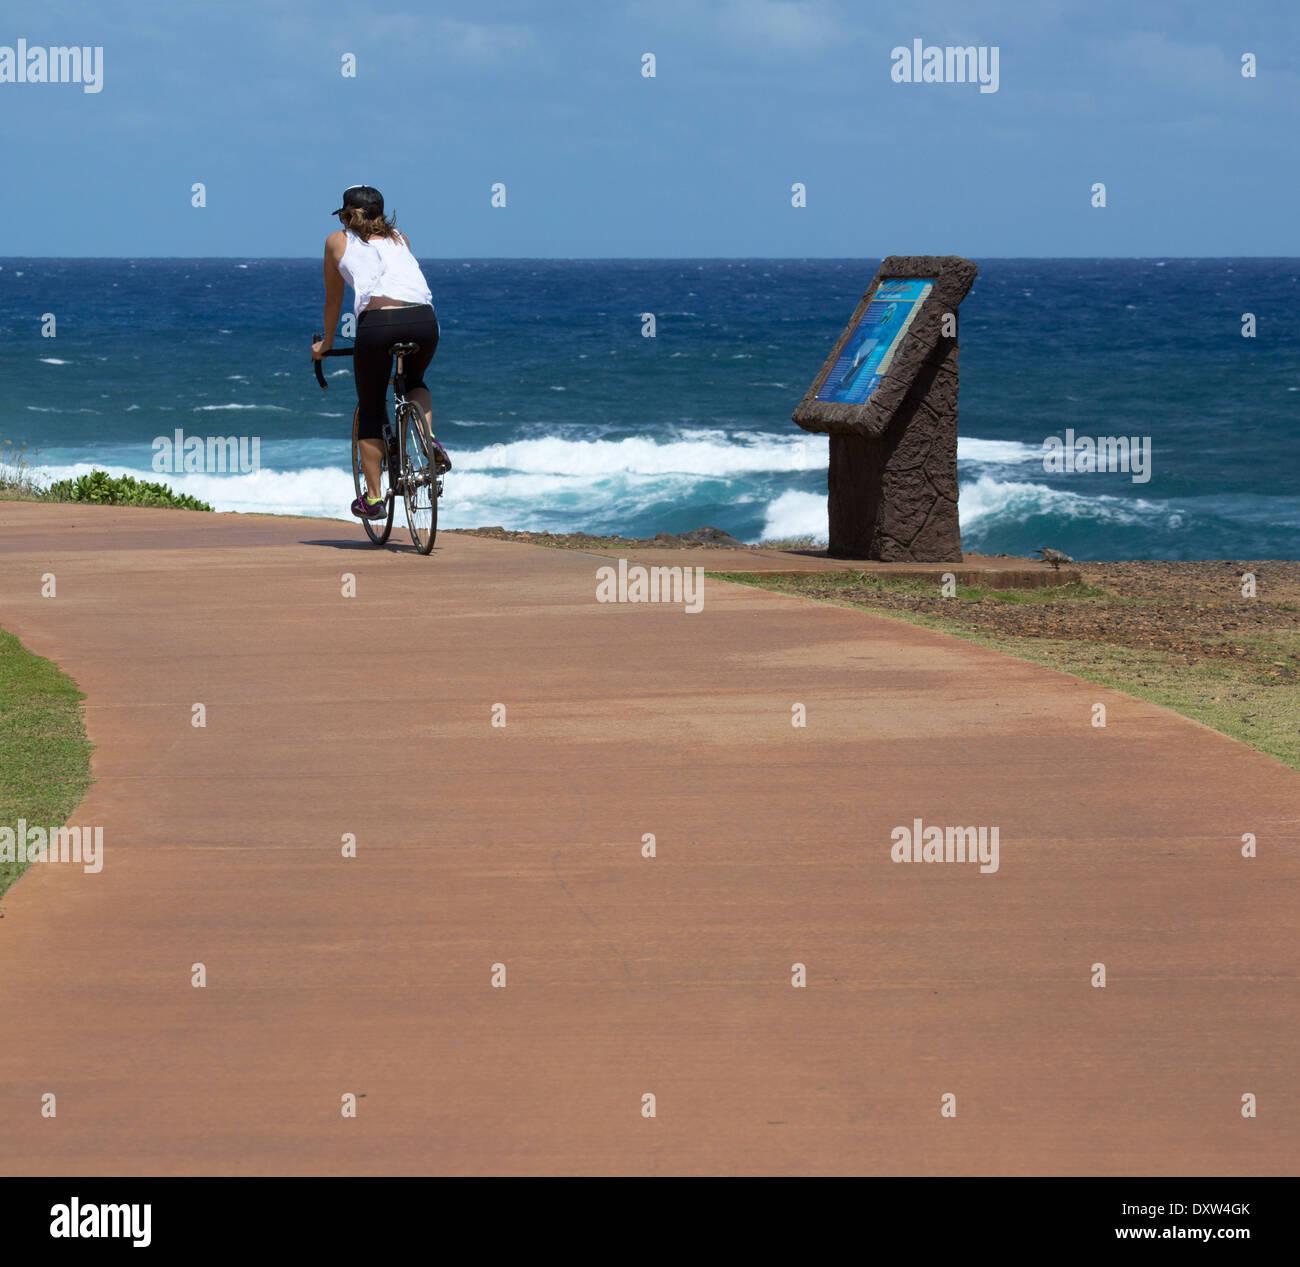 Woman riding bicycle on Kauai shared use path, Ke Ala Hele Makalae - Stock Image